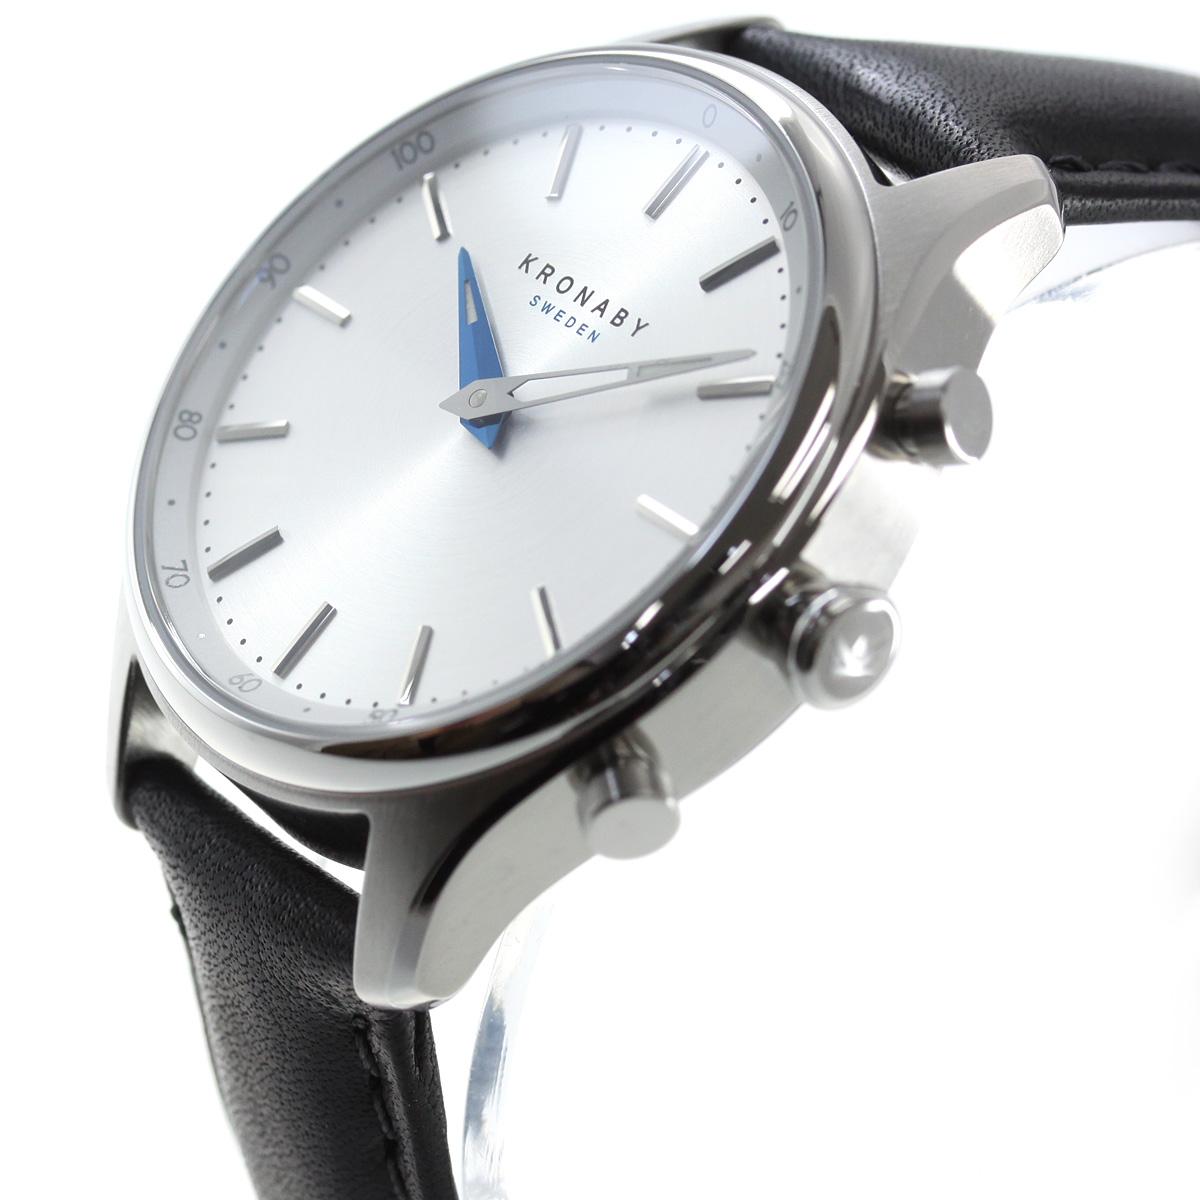 クロナビー KRONABY セーケル SEKEL スマートウォッチ 腕時計 メンズ A1000-1924